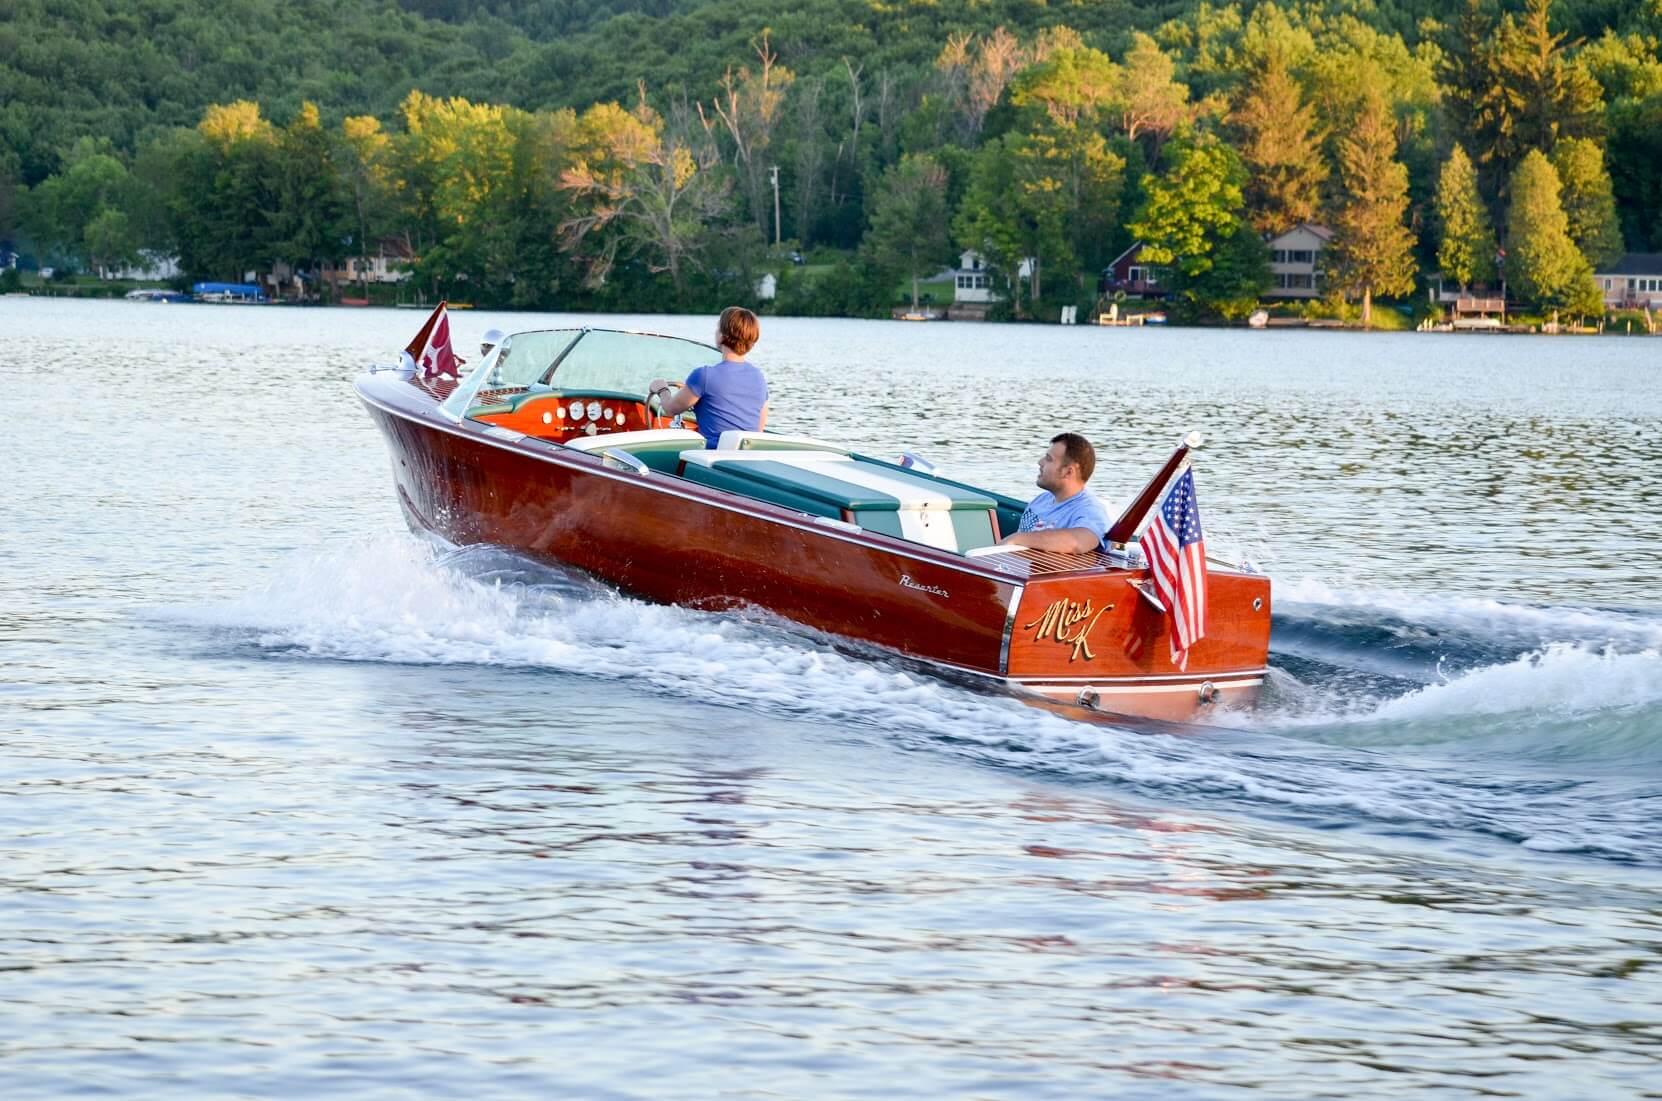 8 - Boat